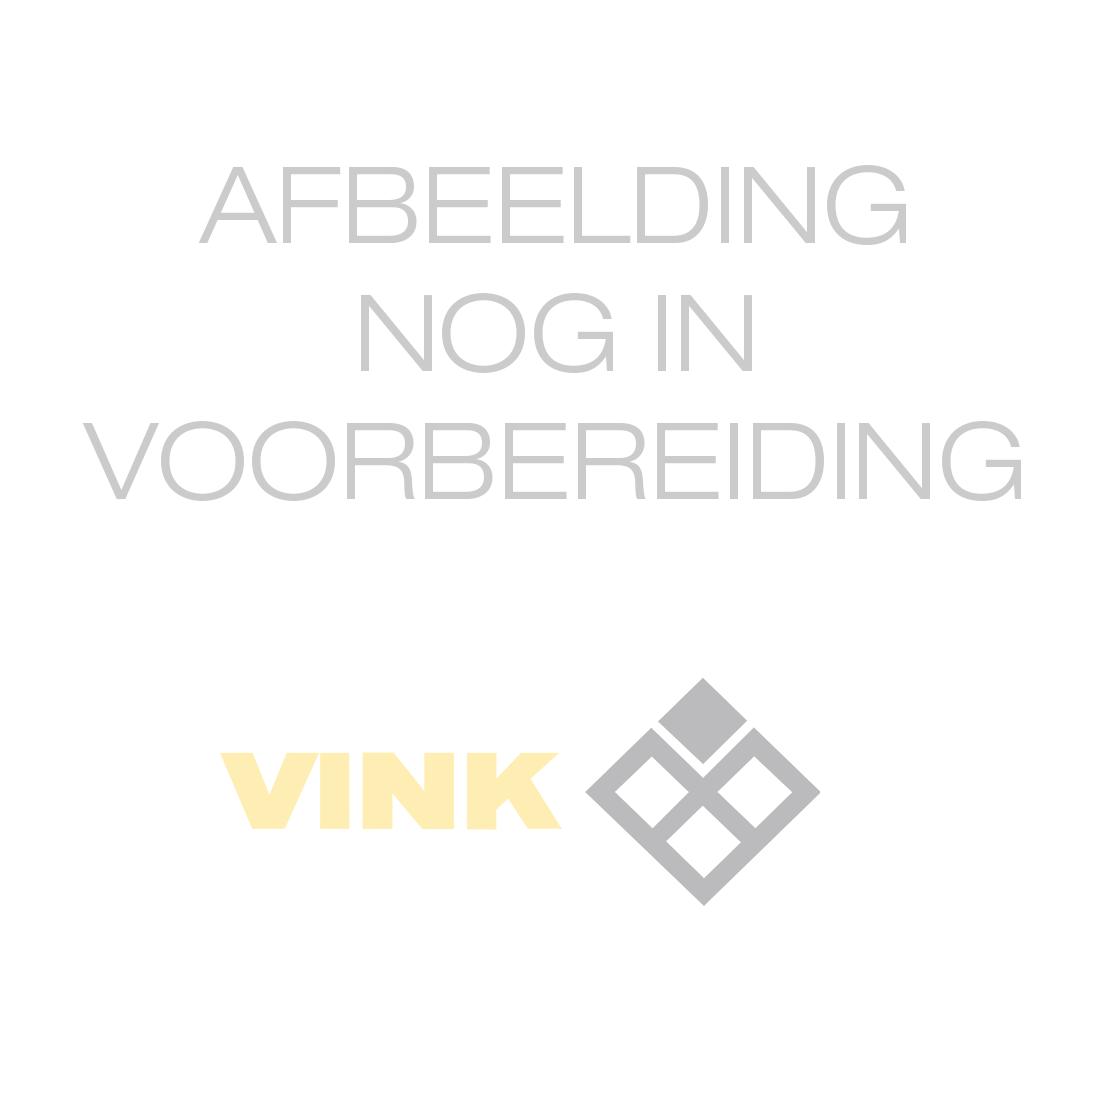 VINK FPM PAKKING TBV VOORLASKRAAG d225 -d273 -d203 -3MM 10500100